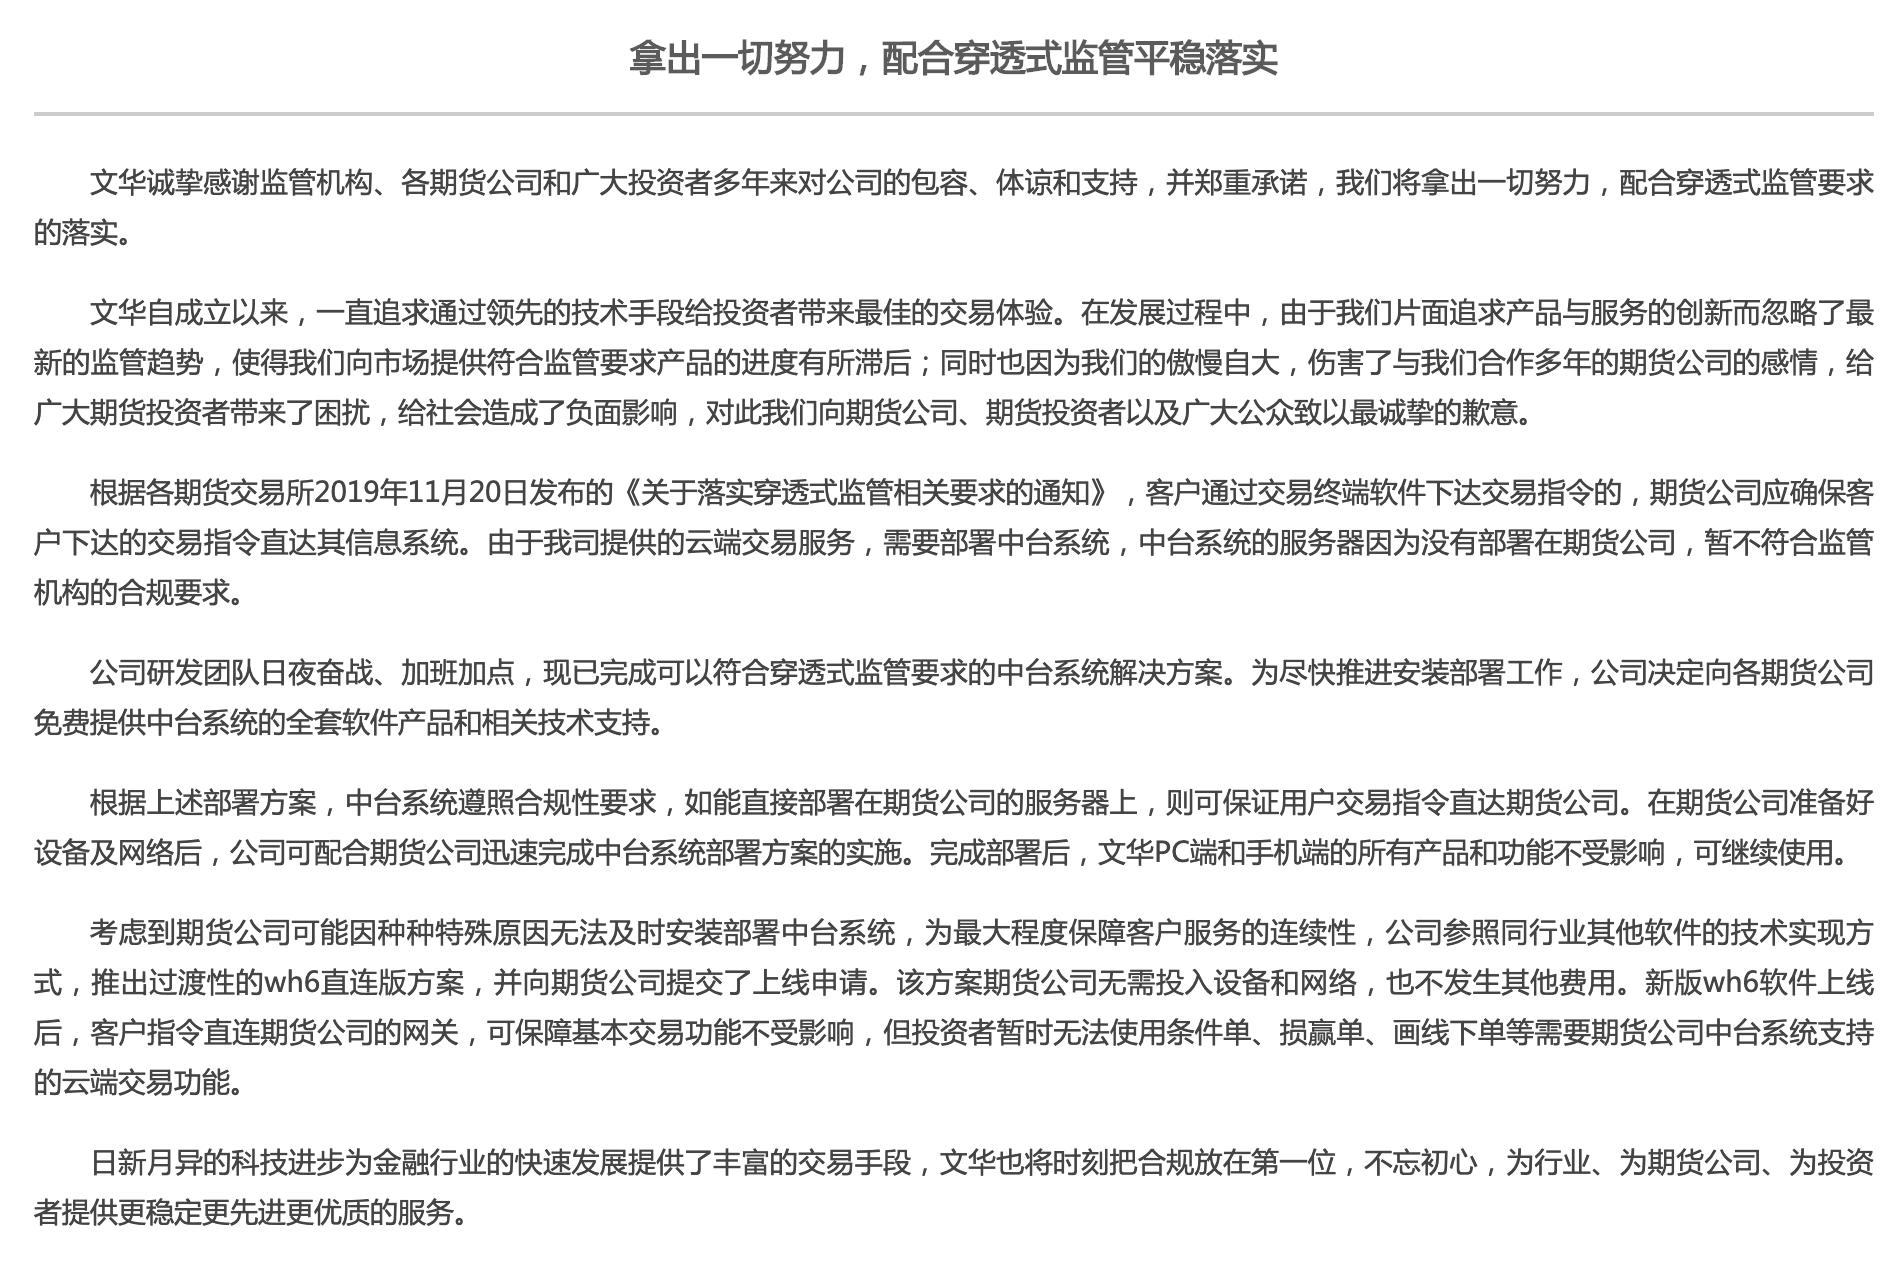 文华财经:向各期货公司免费提供中台系统的全套软件产品